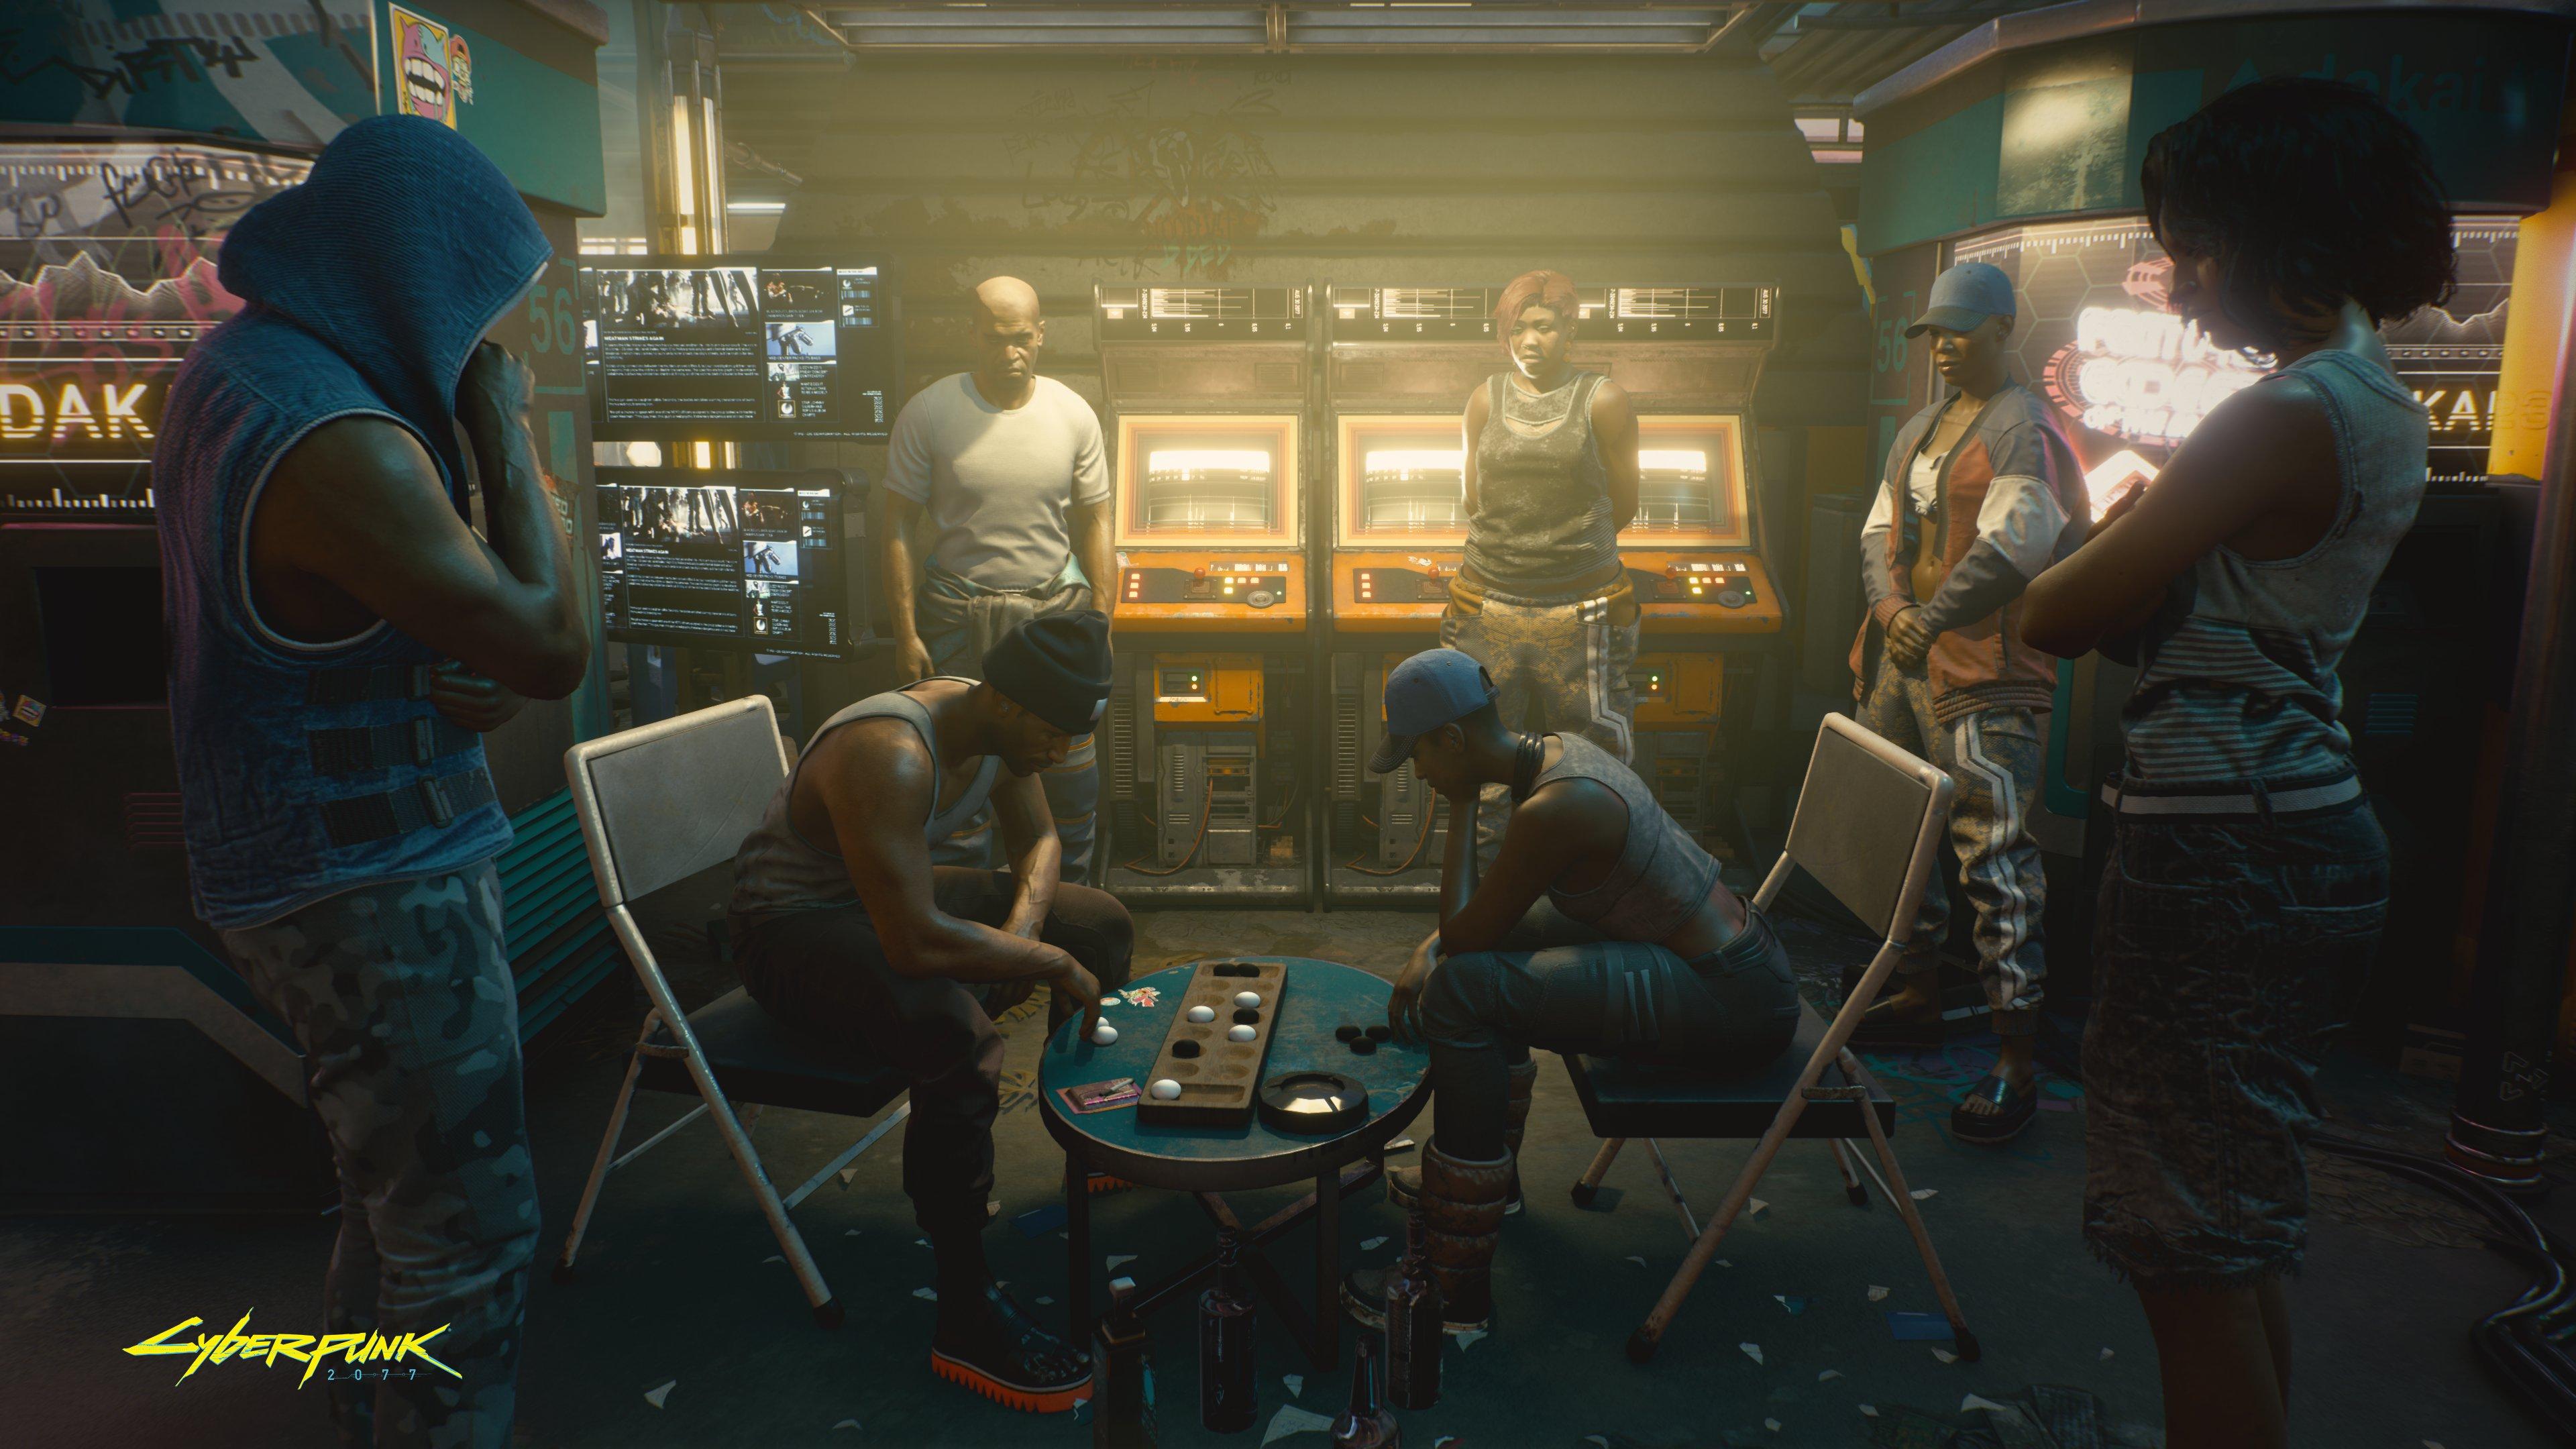 Cyberpunk 2077: Киану Ривз, брейнданс и свобода от гендерных предрассудков в главной игре года (фото 6)